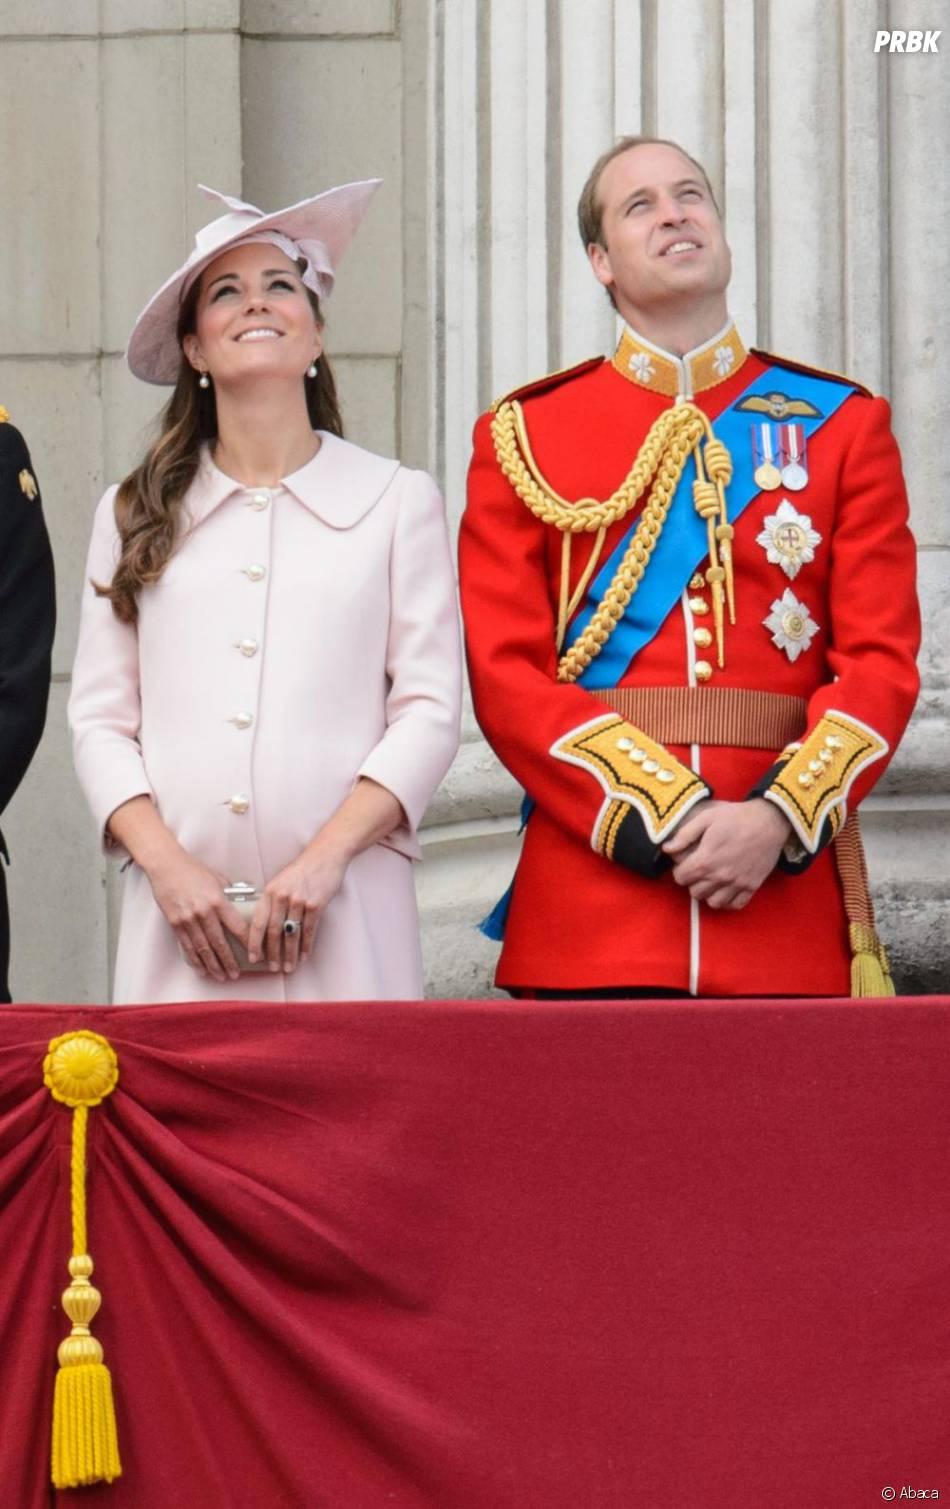 Kate Middleton et le Prince William : parents d'un petit Prince né le 22 juillet 2013